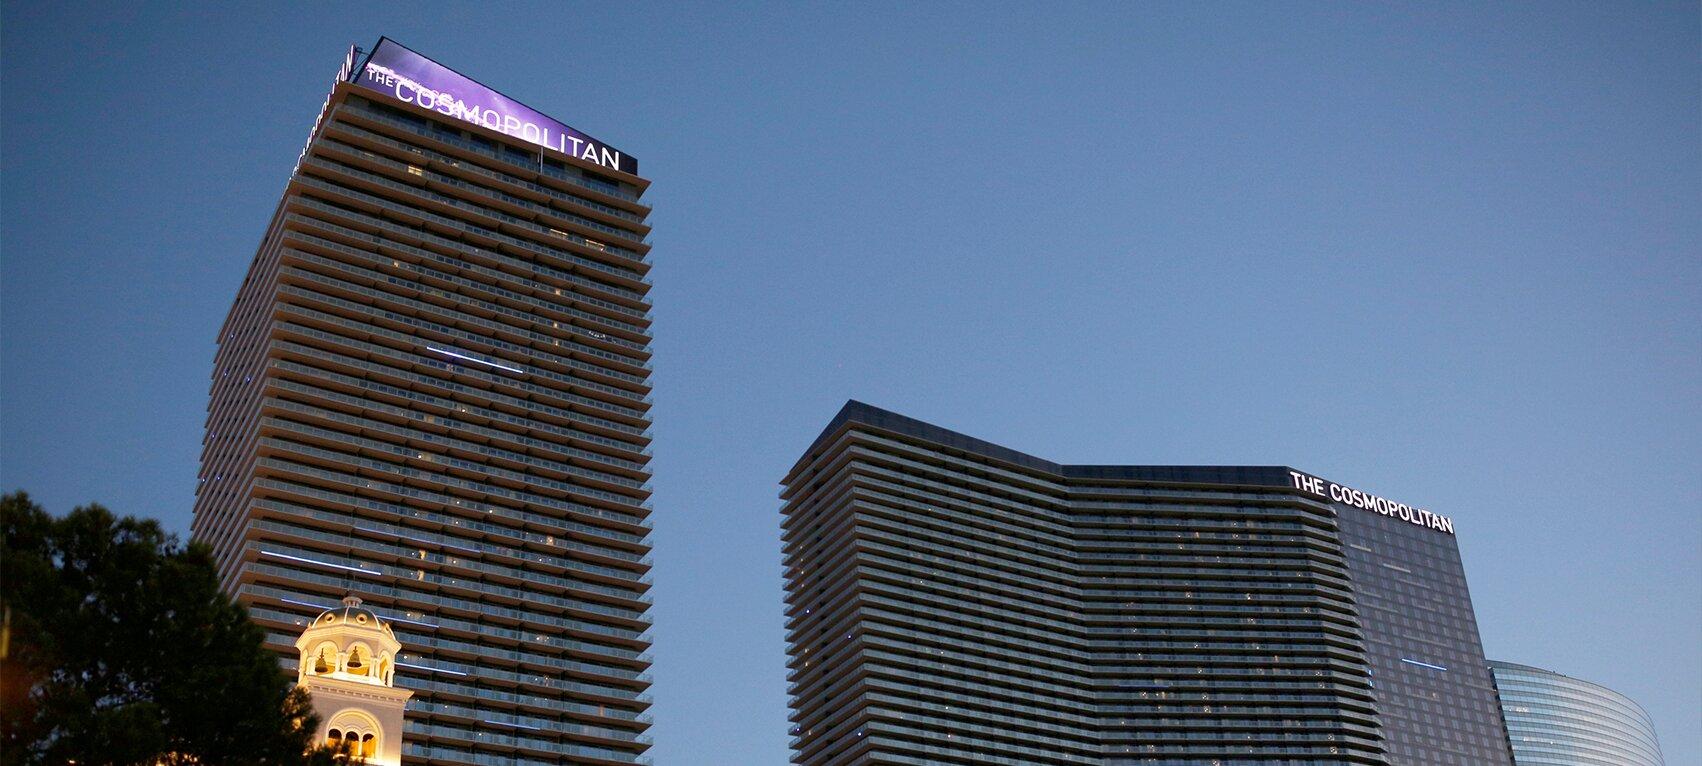 https://www.gambleonline.co/app/uploads/2021/04/cosmopolitan-casino-las-vegas-1.jpg